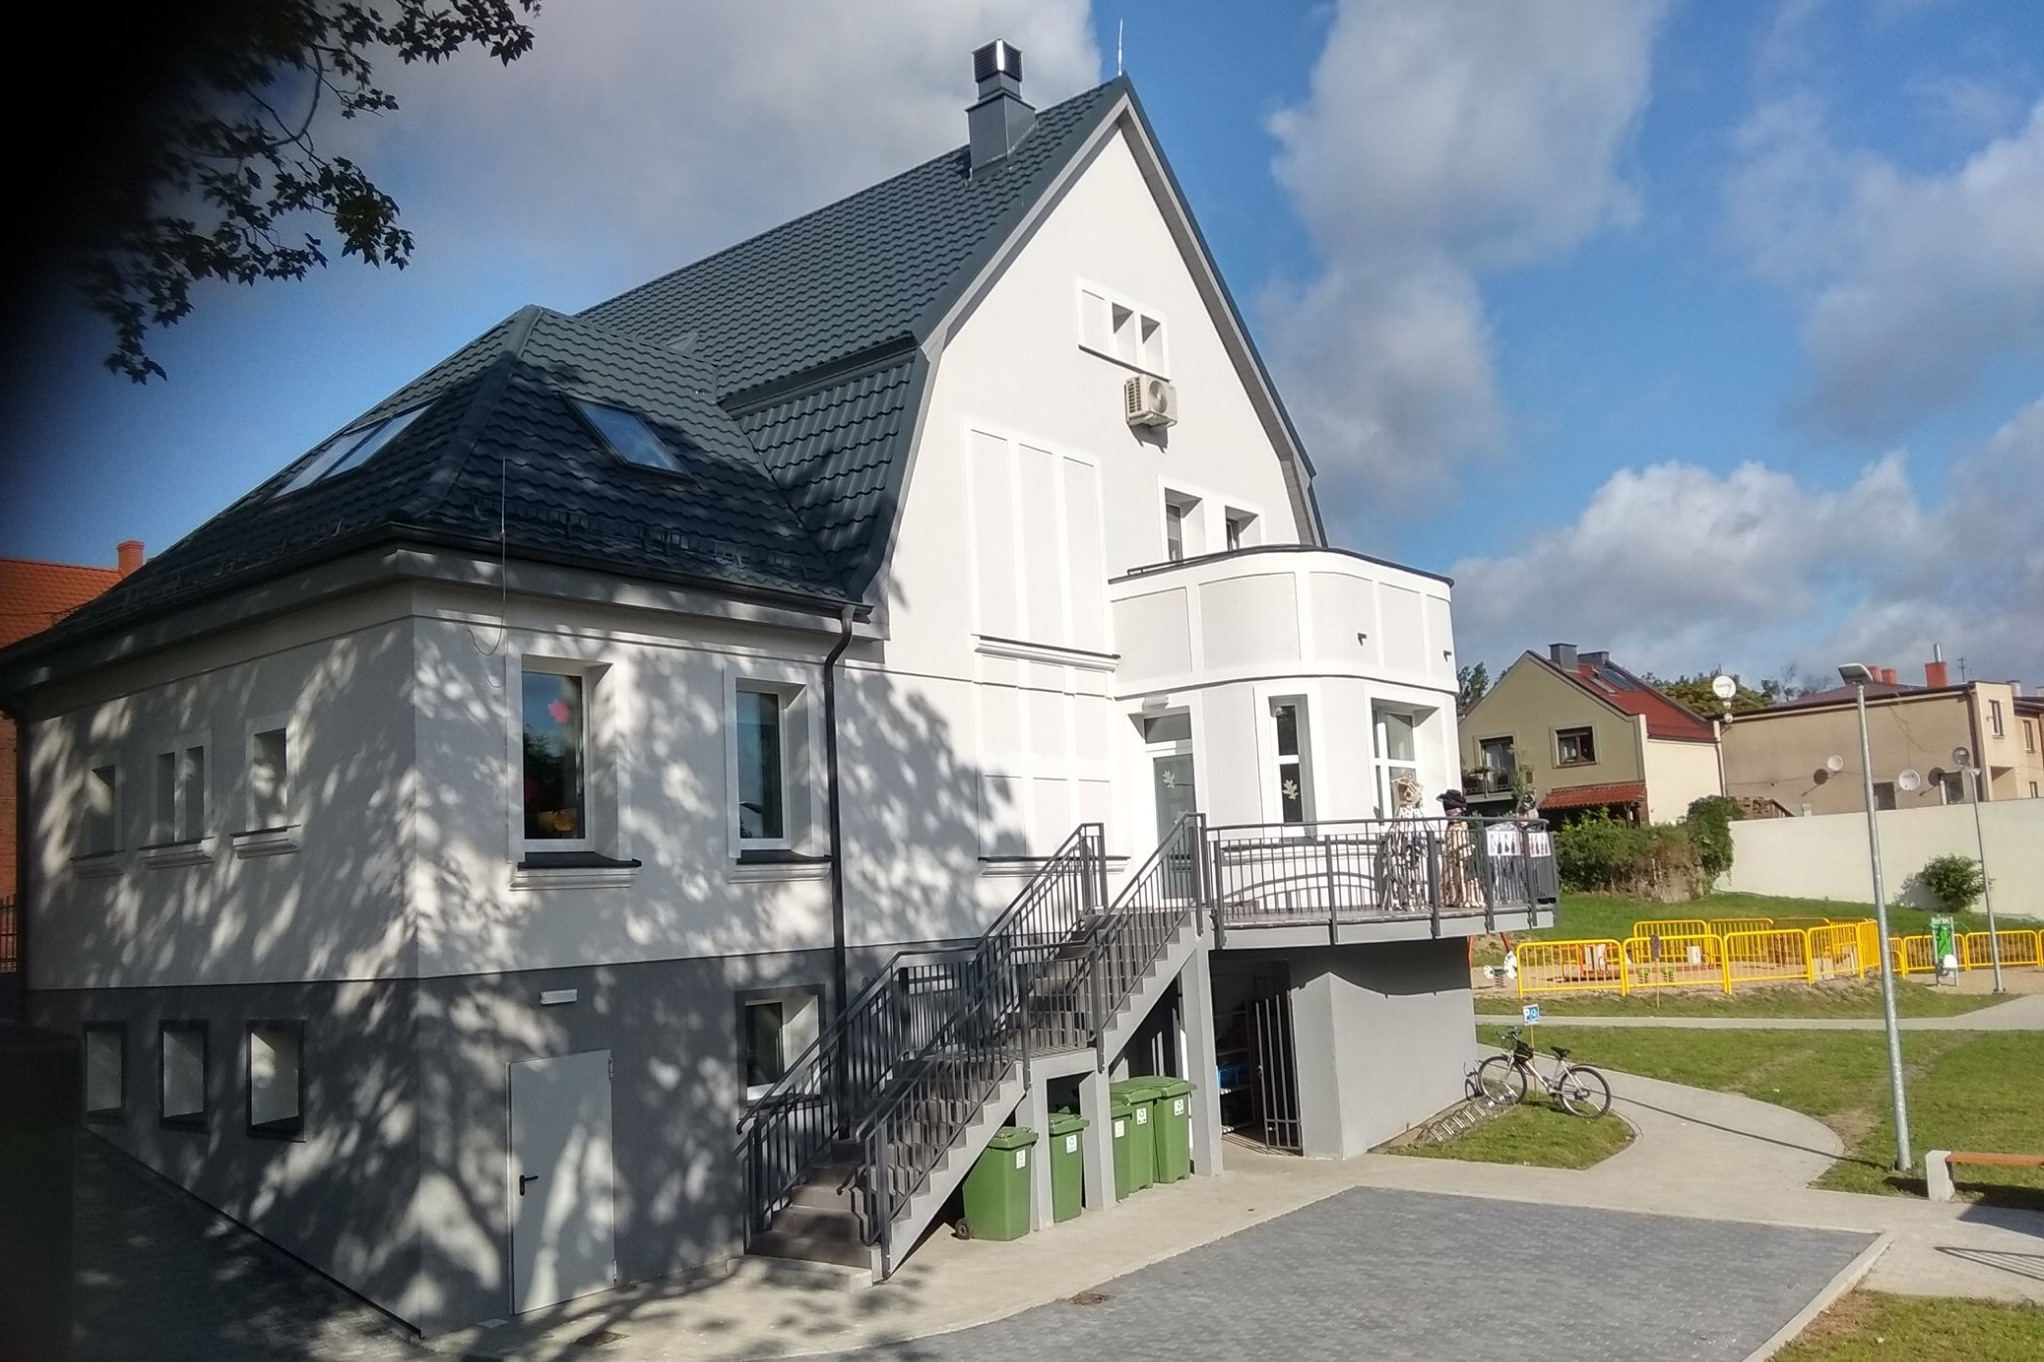 Nowy budynek Centrum Wspierania Rodziny w Skarszewach